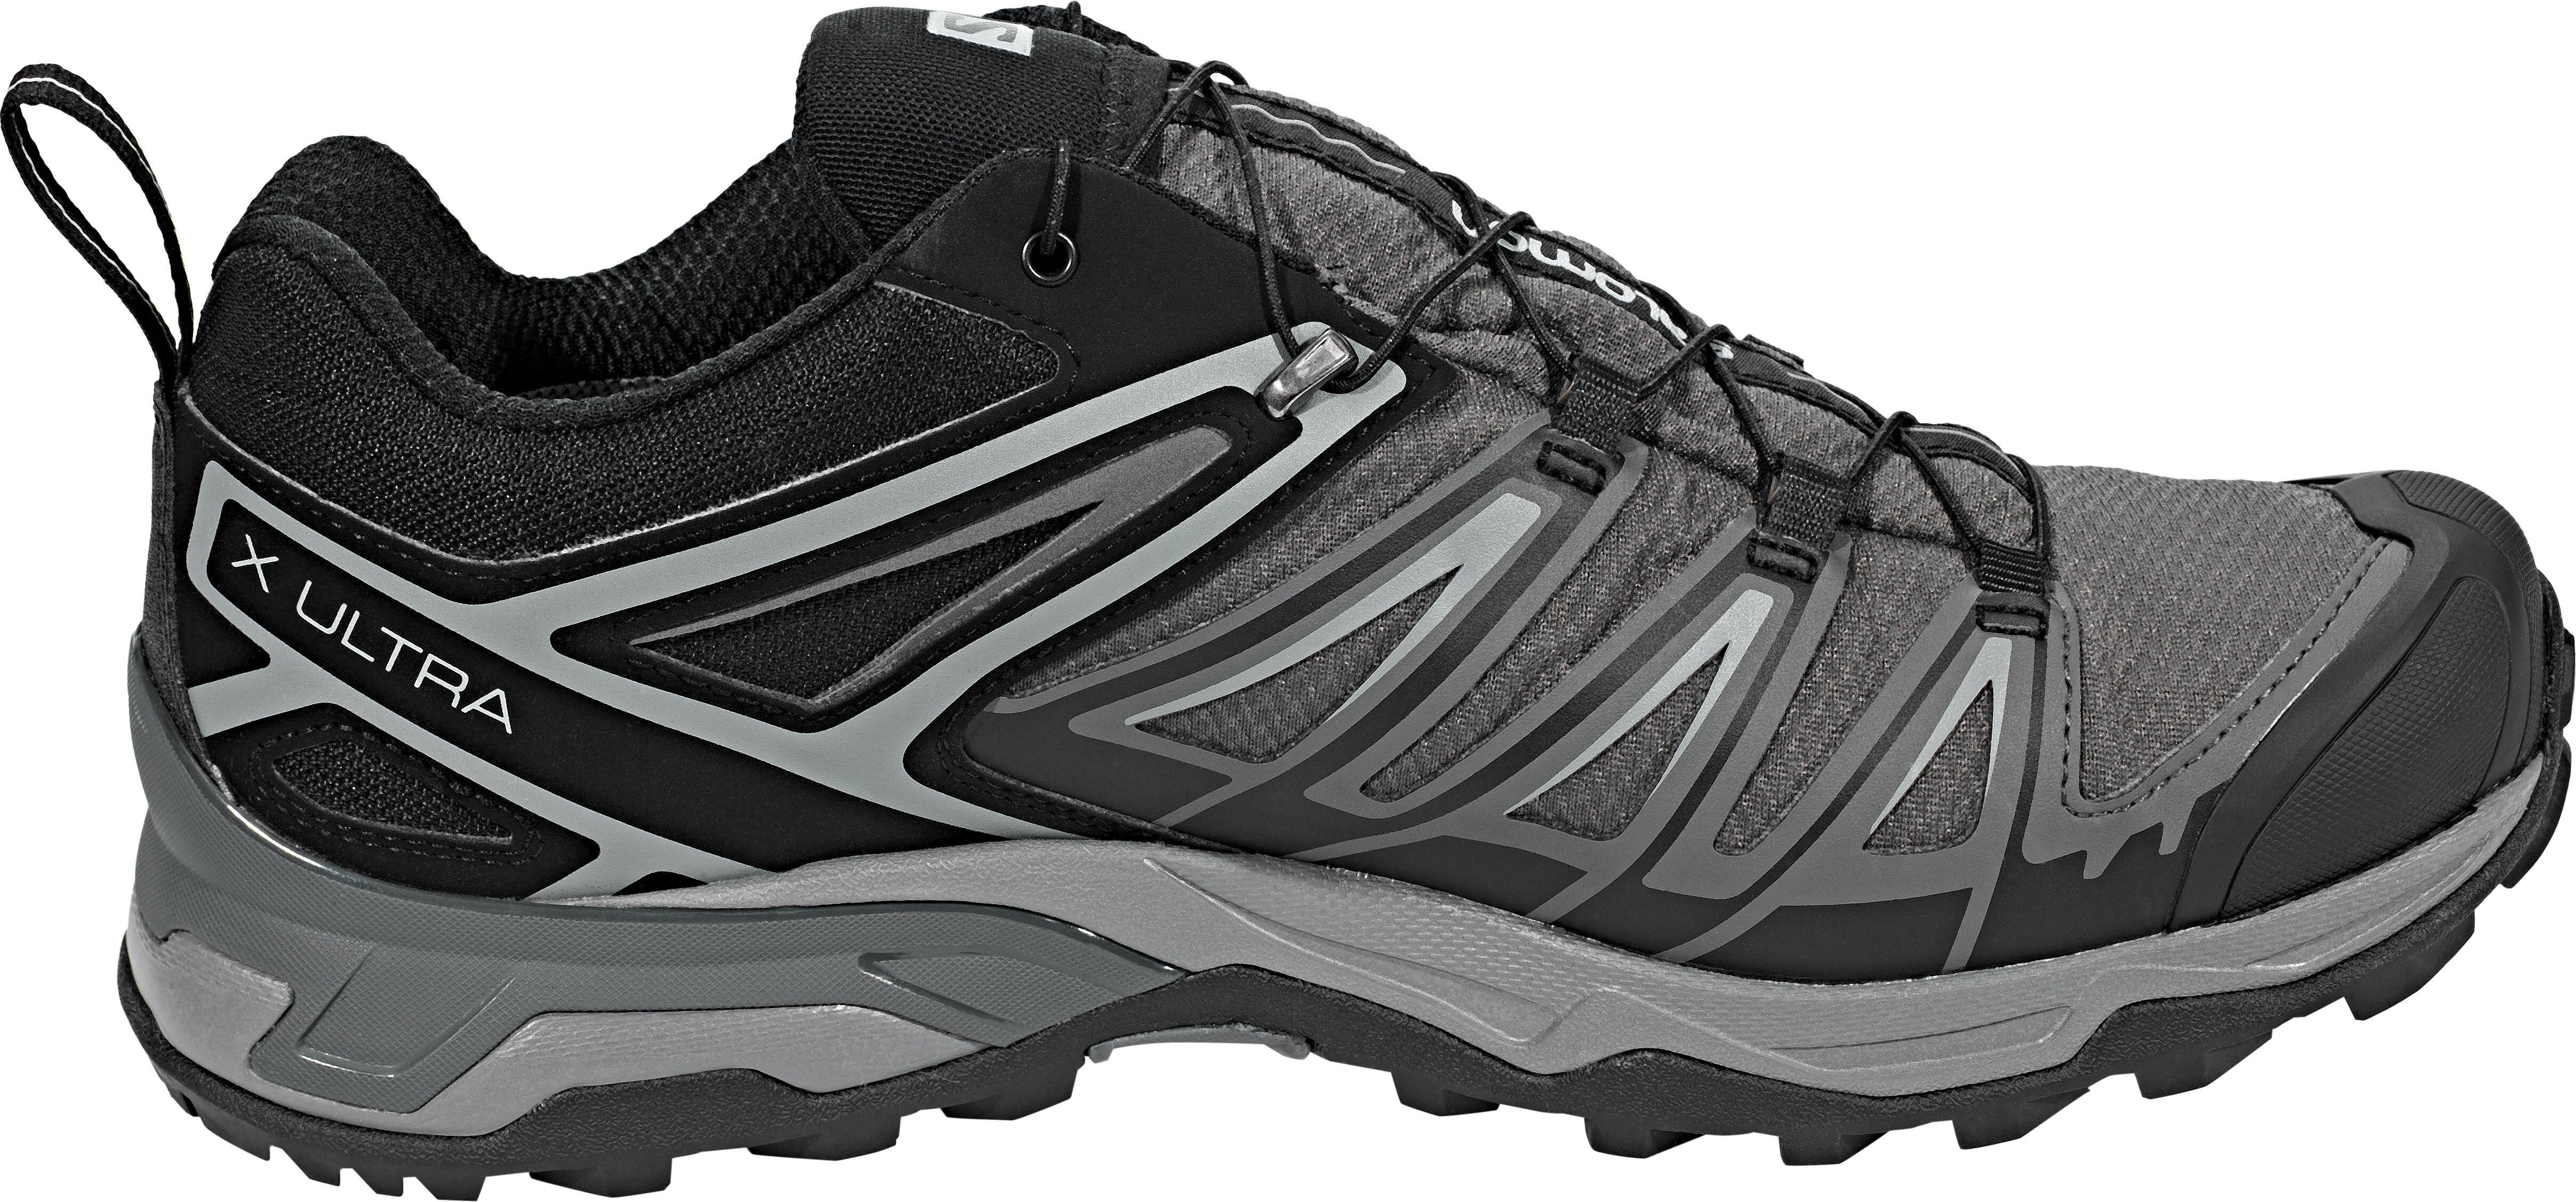 985209b96 Salomon X Ultra 3 GTX - Calzado Hombre - gris negro